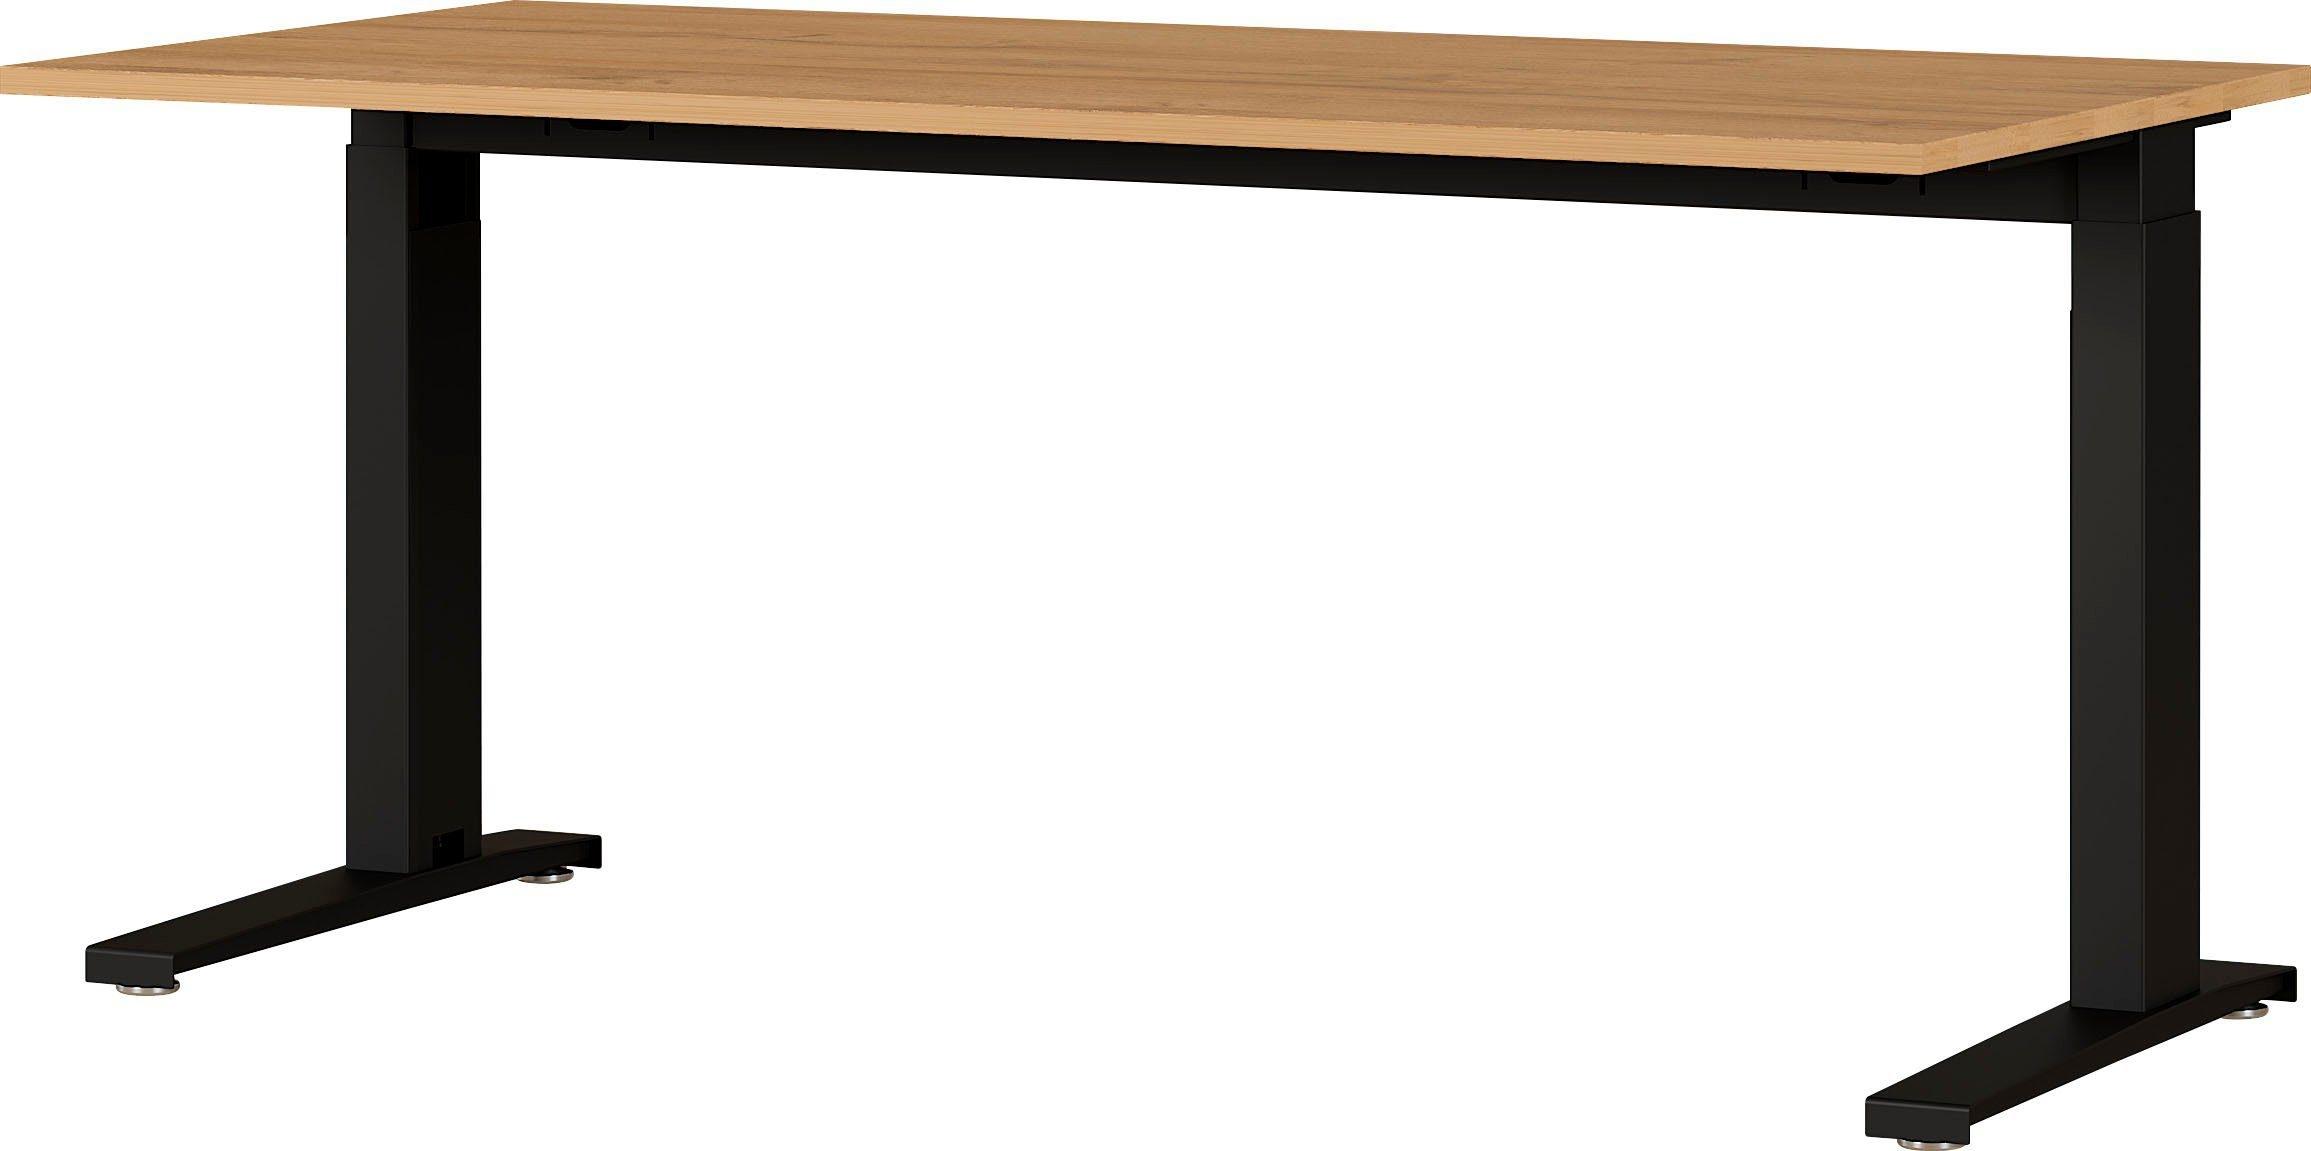 Zit sta bureau Agenda B160xH73-120xD80 cm in grandson eiken met zwart